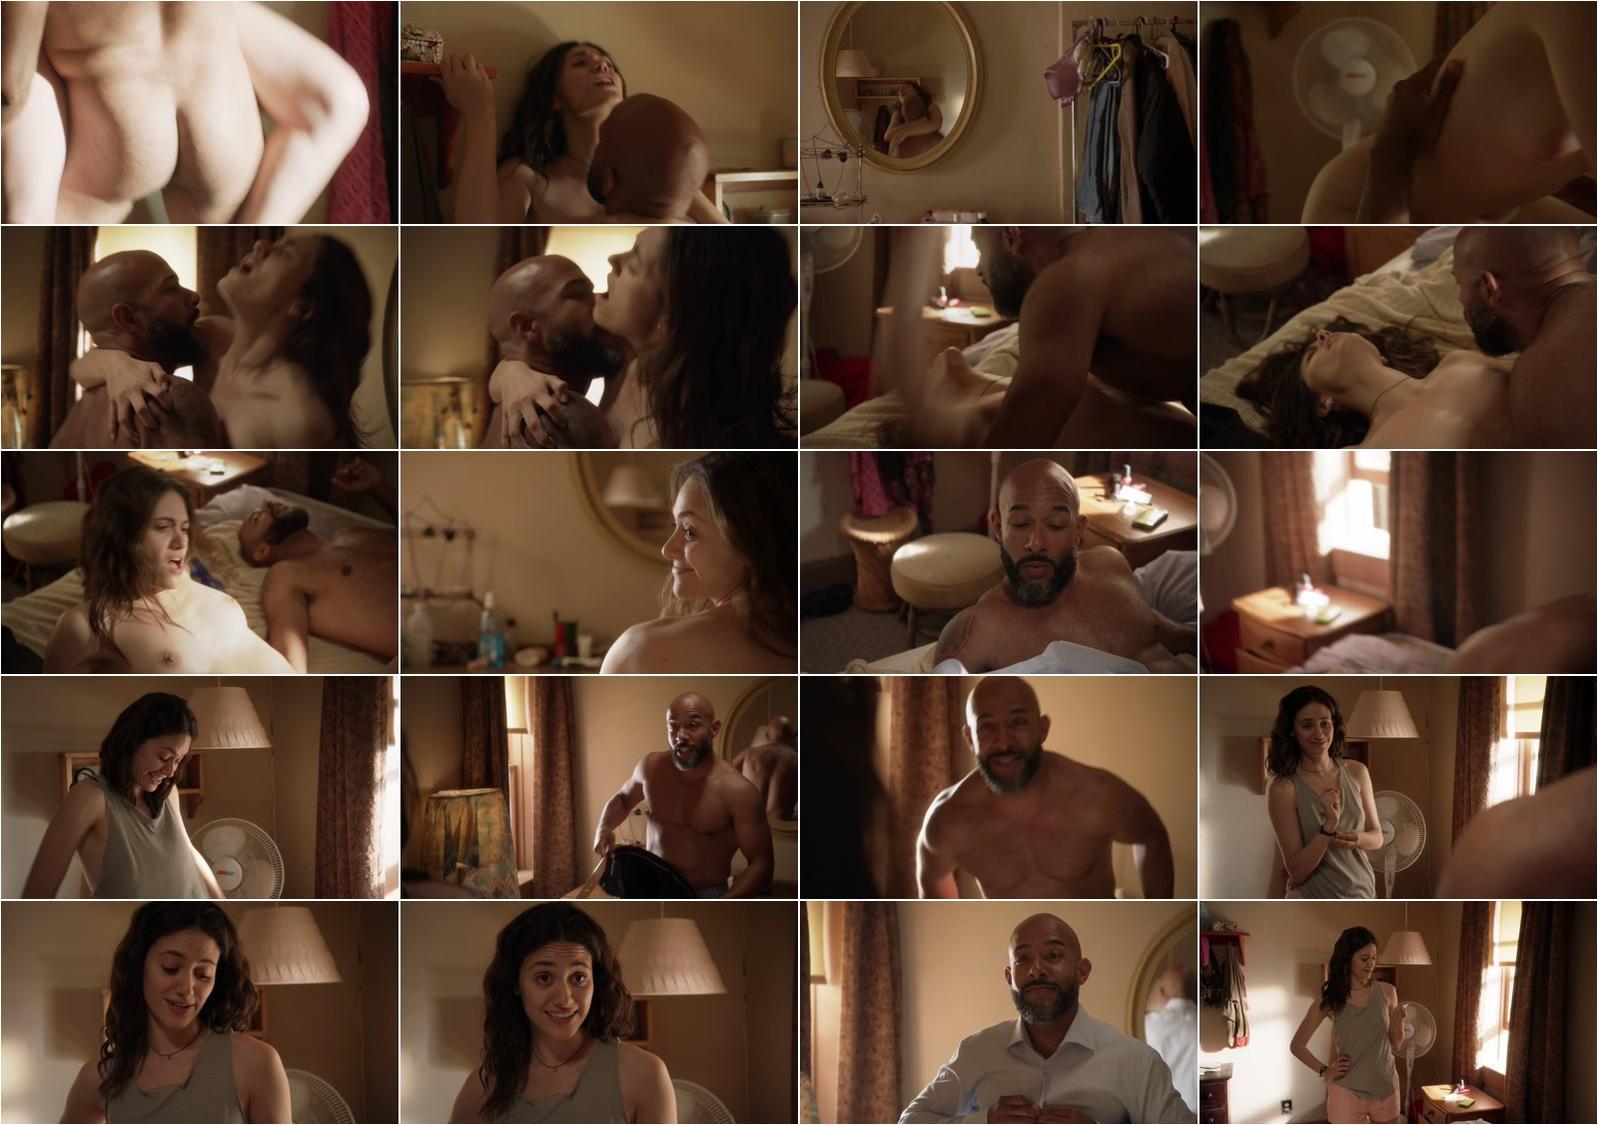 порно сцены эмми россам